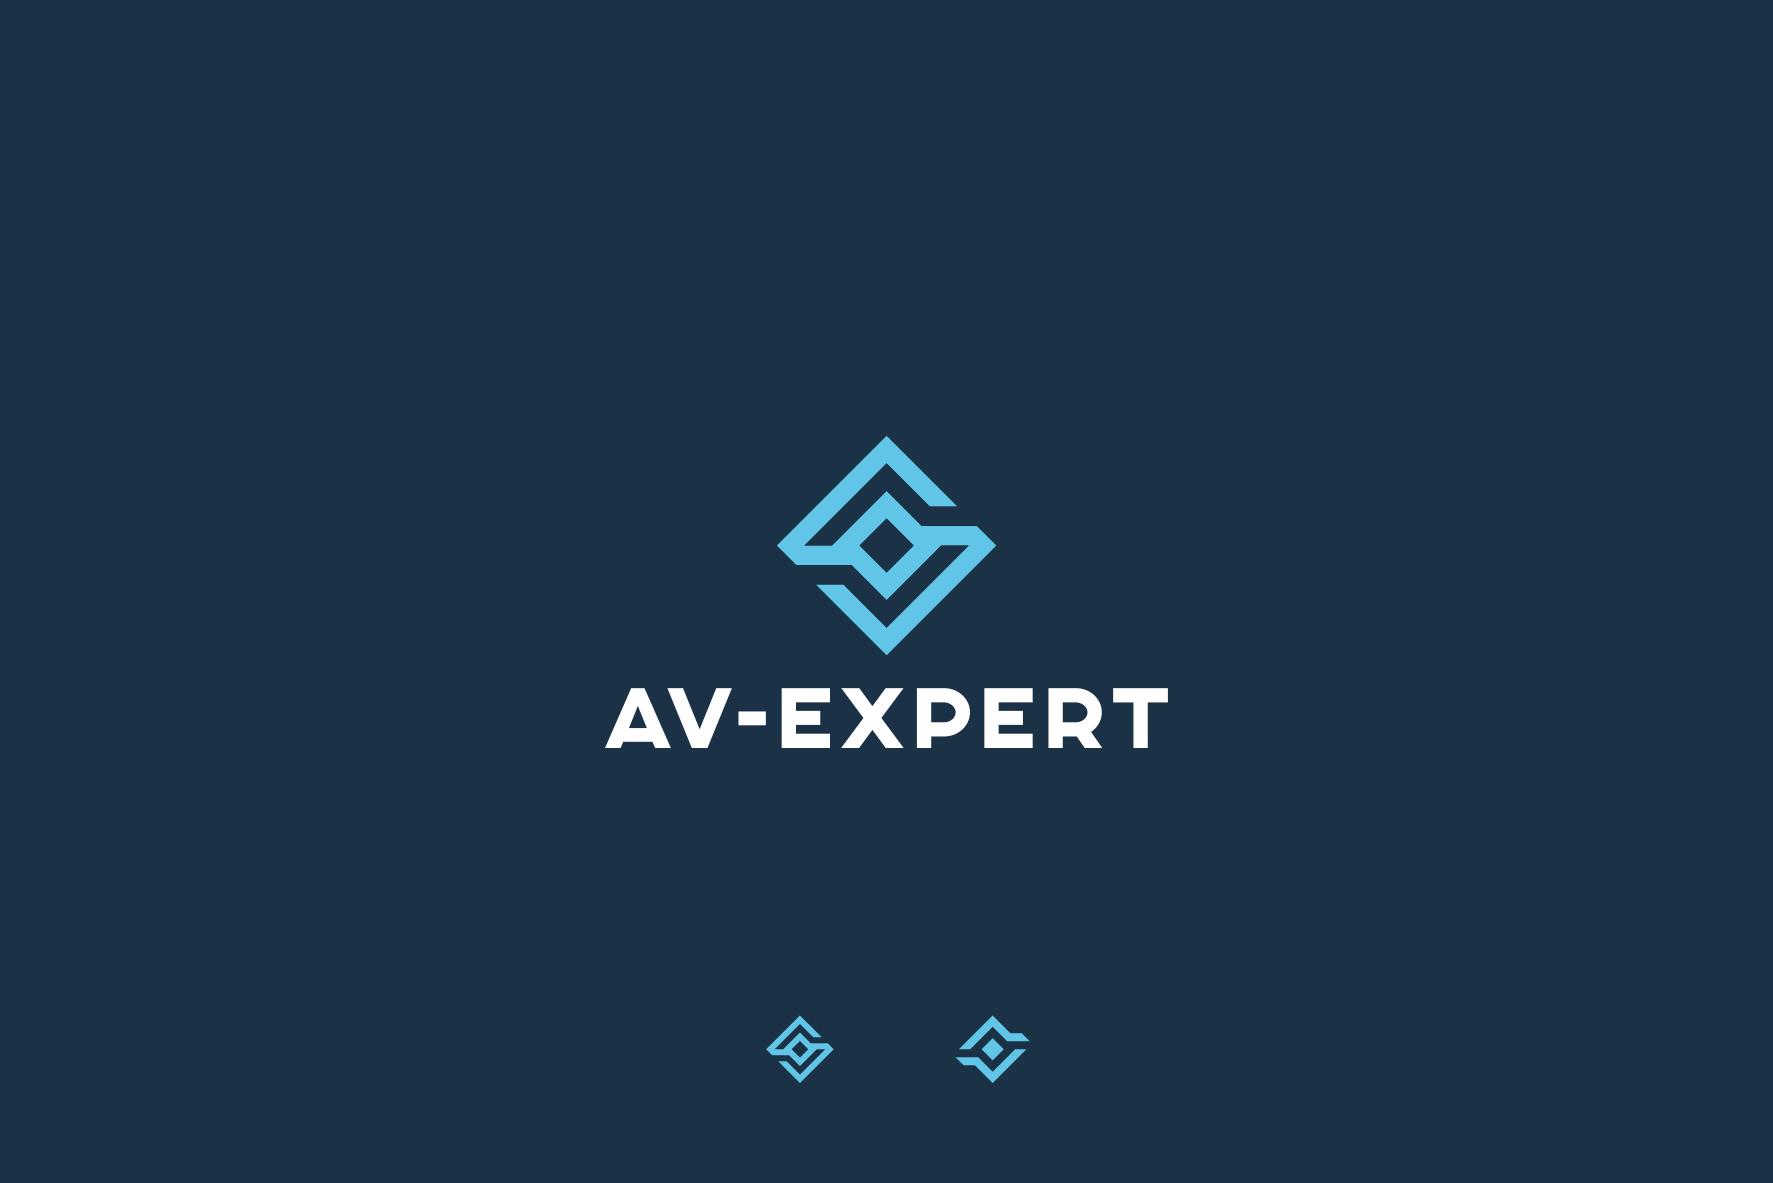 Создание логотипа, фирстиля фото f_0035c6261c99dbf0.png